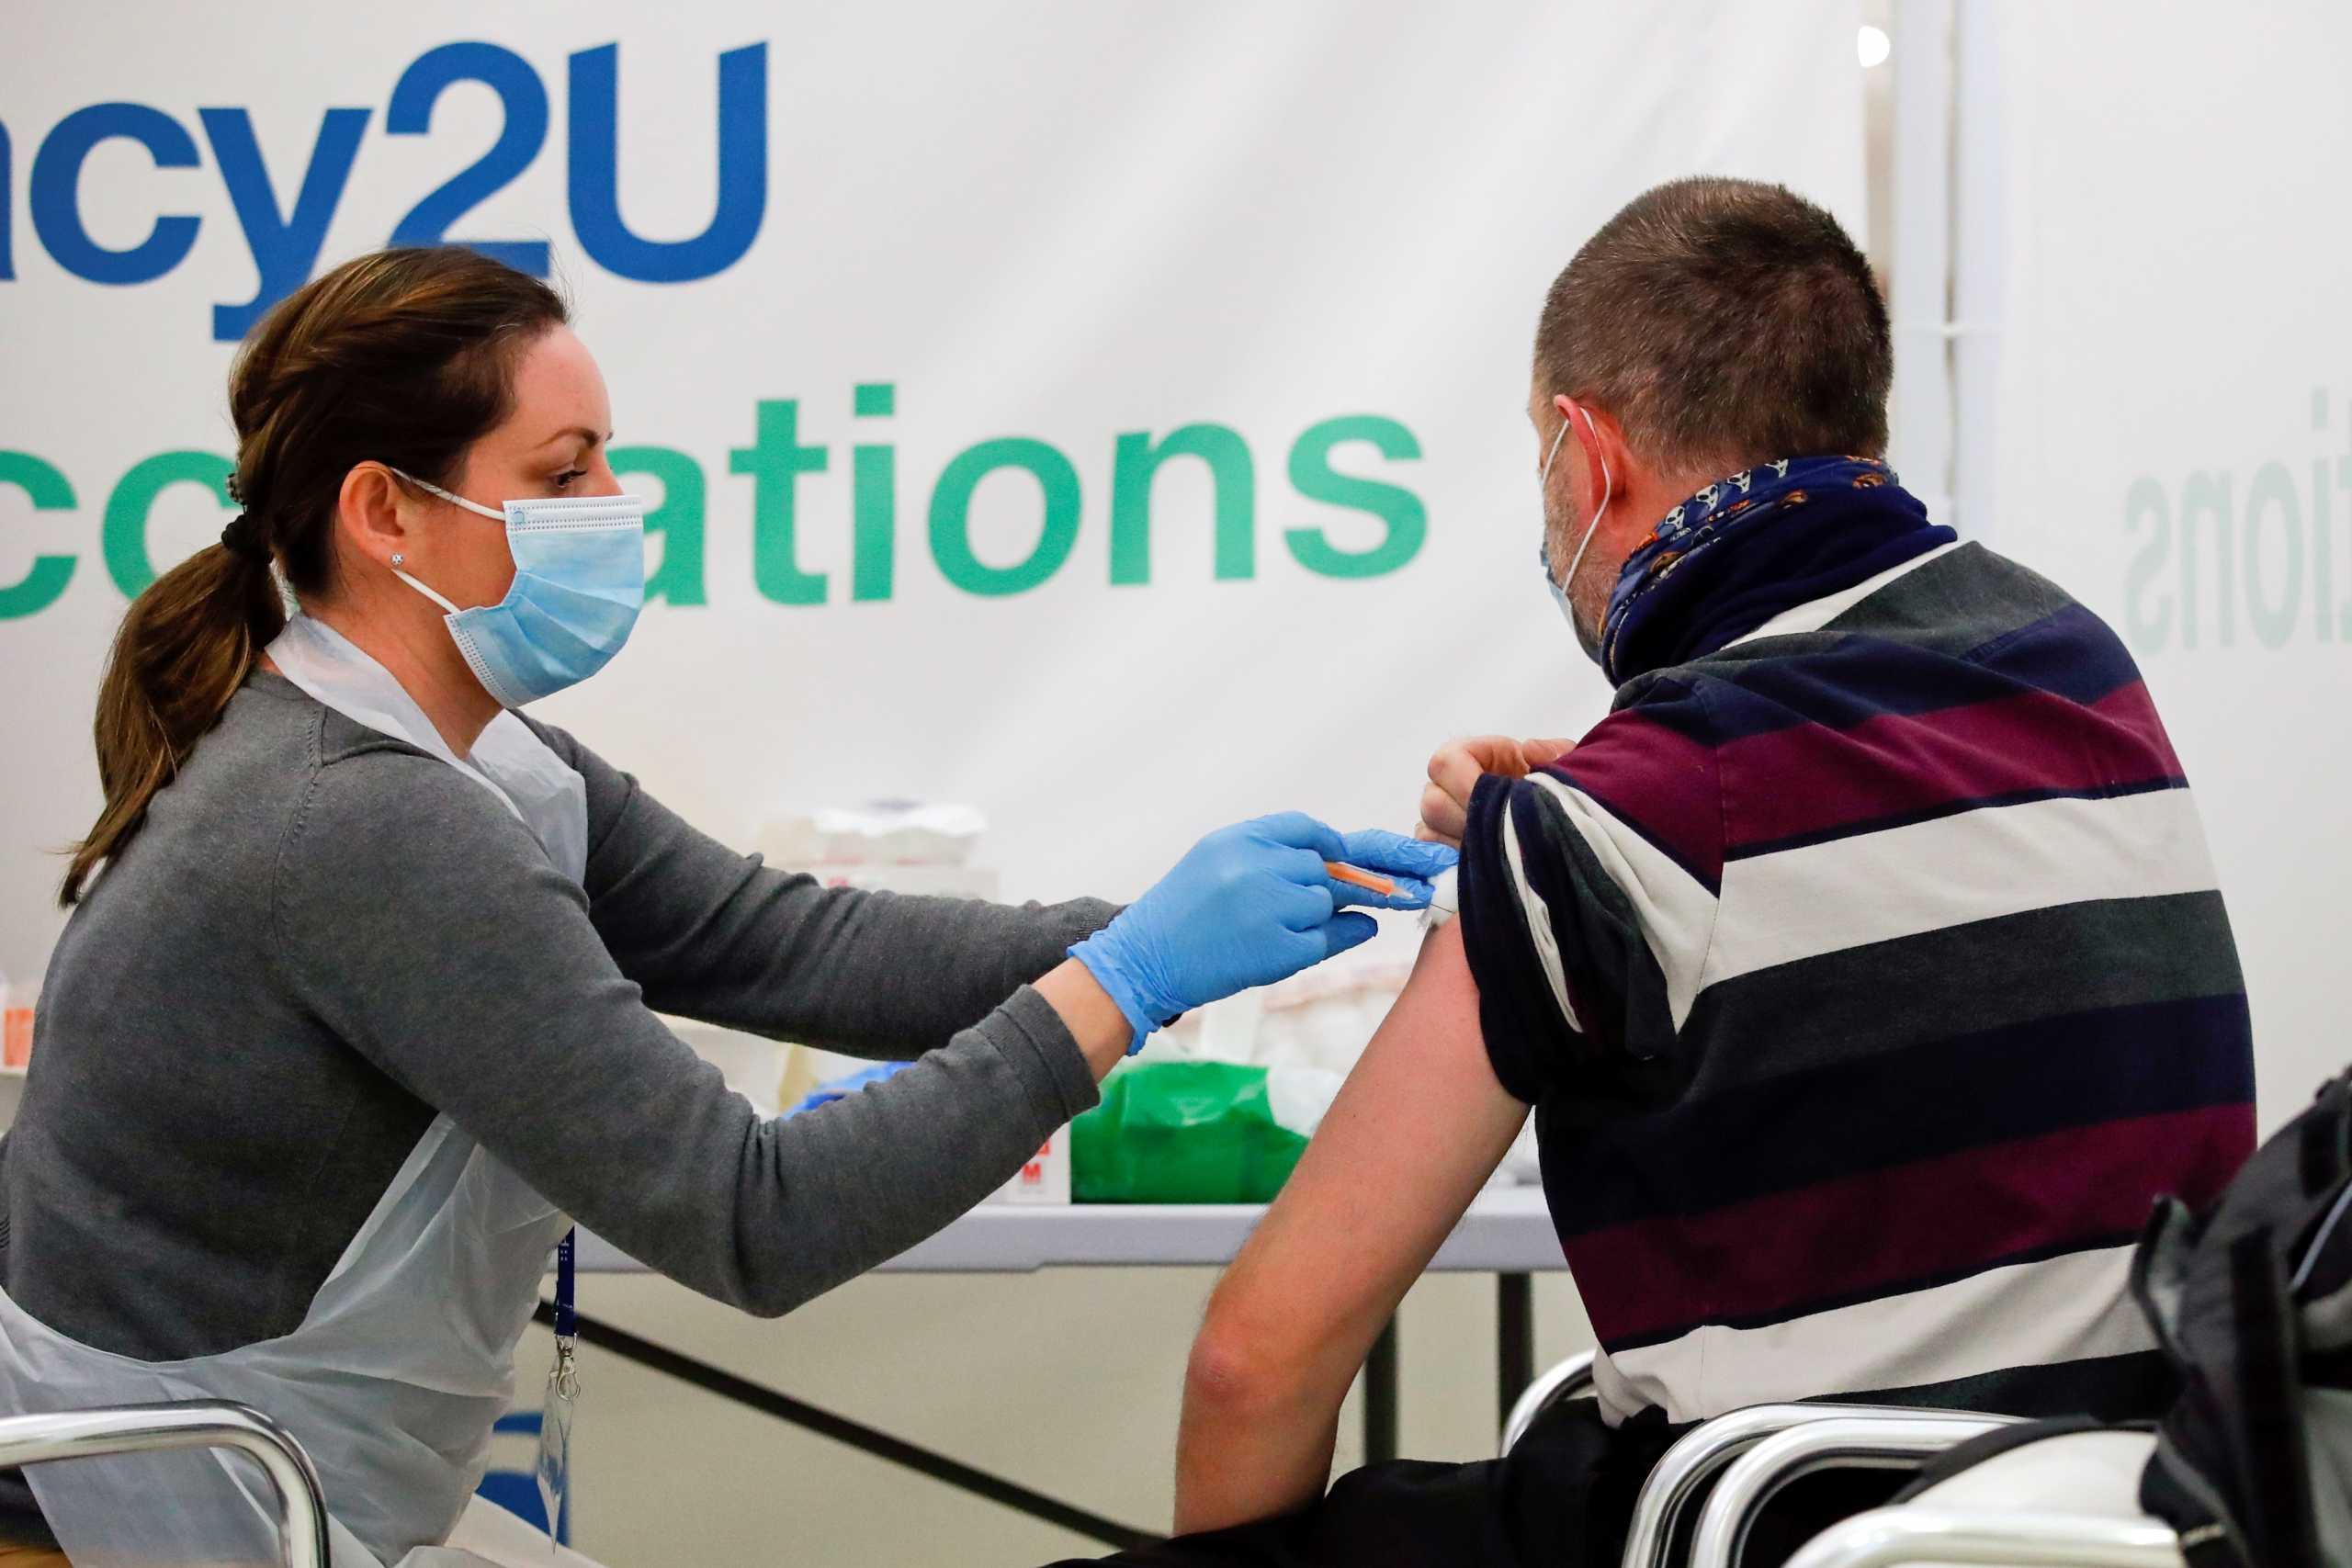 Βρετανία: Τρίτη δόση εμβολίου στους ευάλωτους και στους άνω των 50 ετών